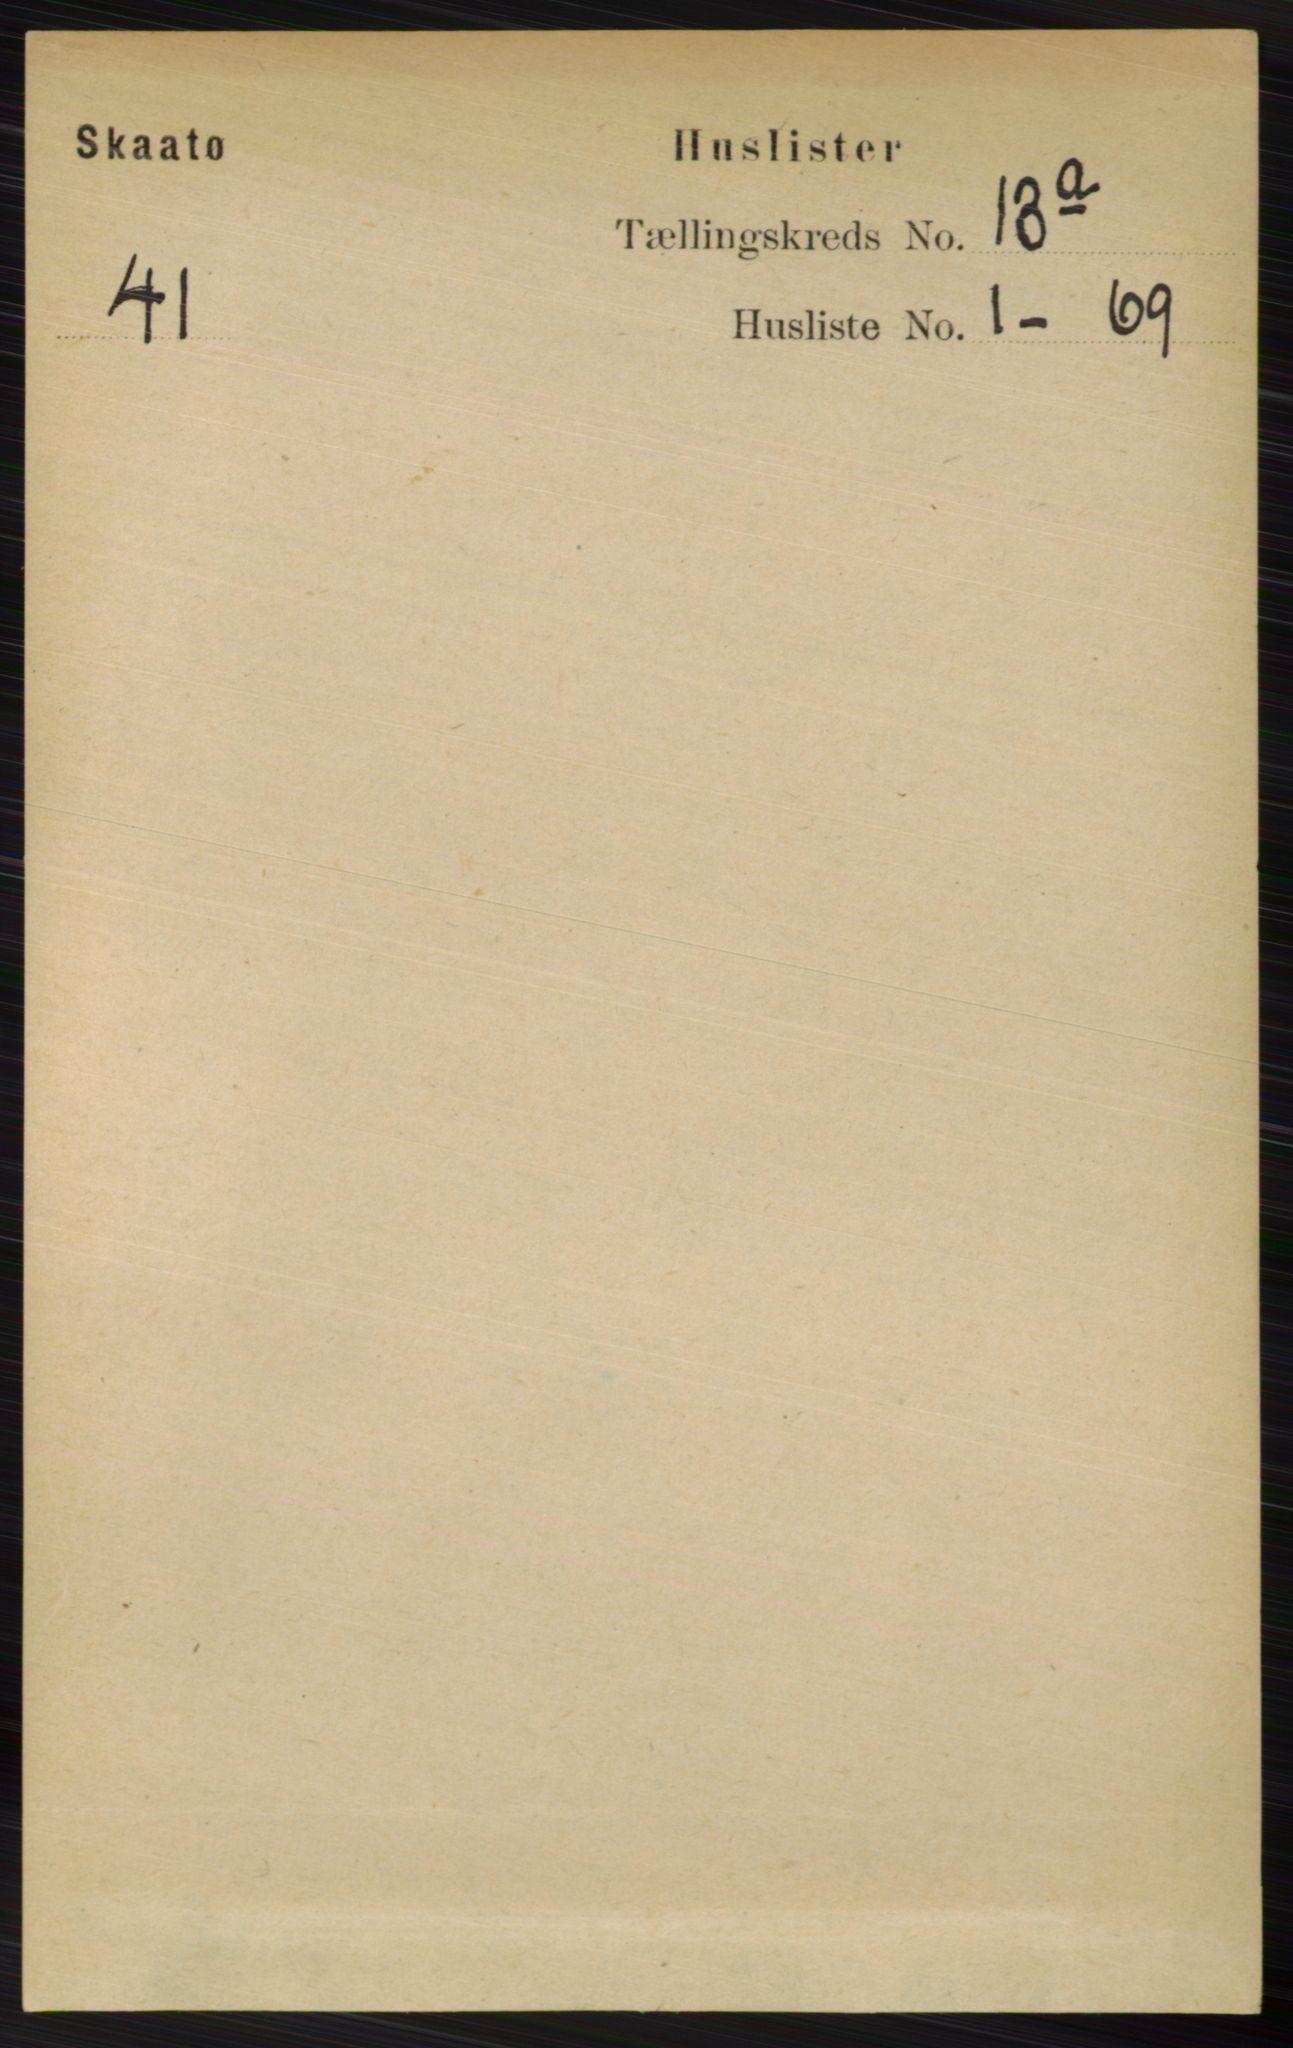 RA, Folketelling 1891 for 0815 Skåtøy herred, 1891, s. 4381